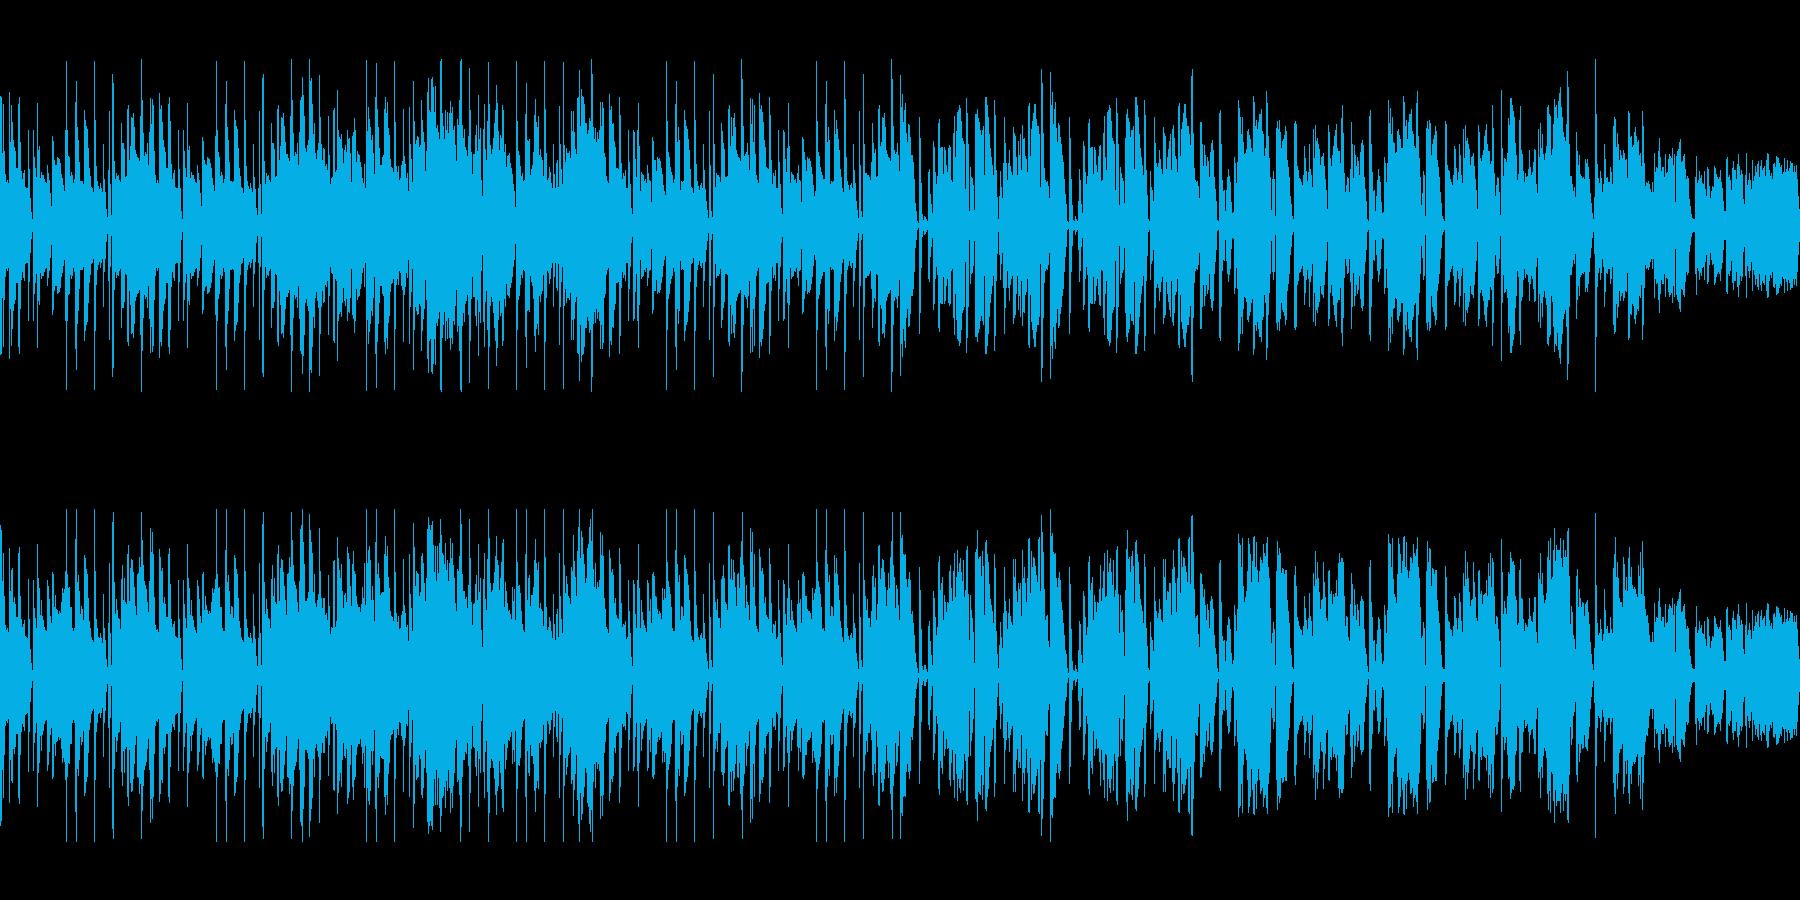 ファンキーなベースが中心のループ素材の再生済みの波形